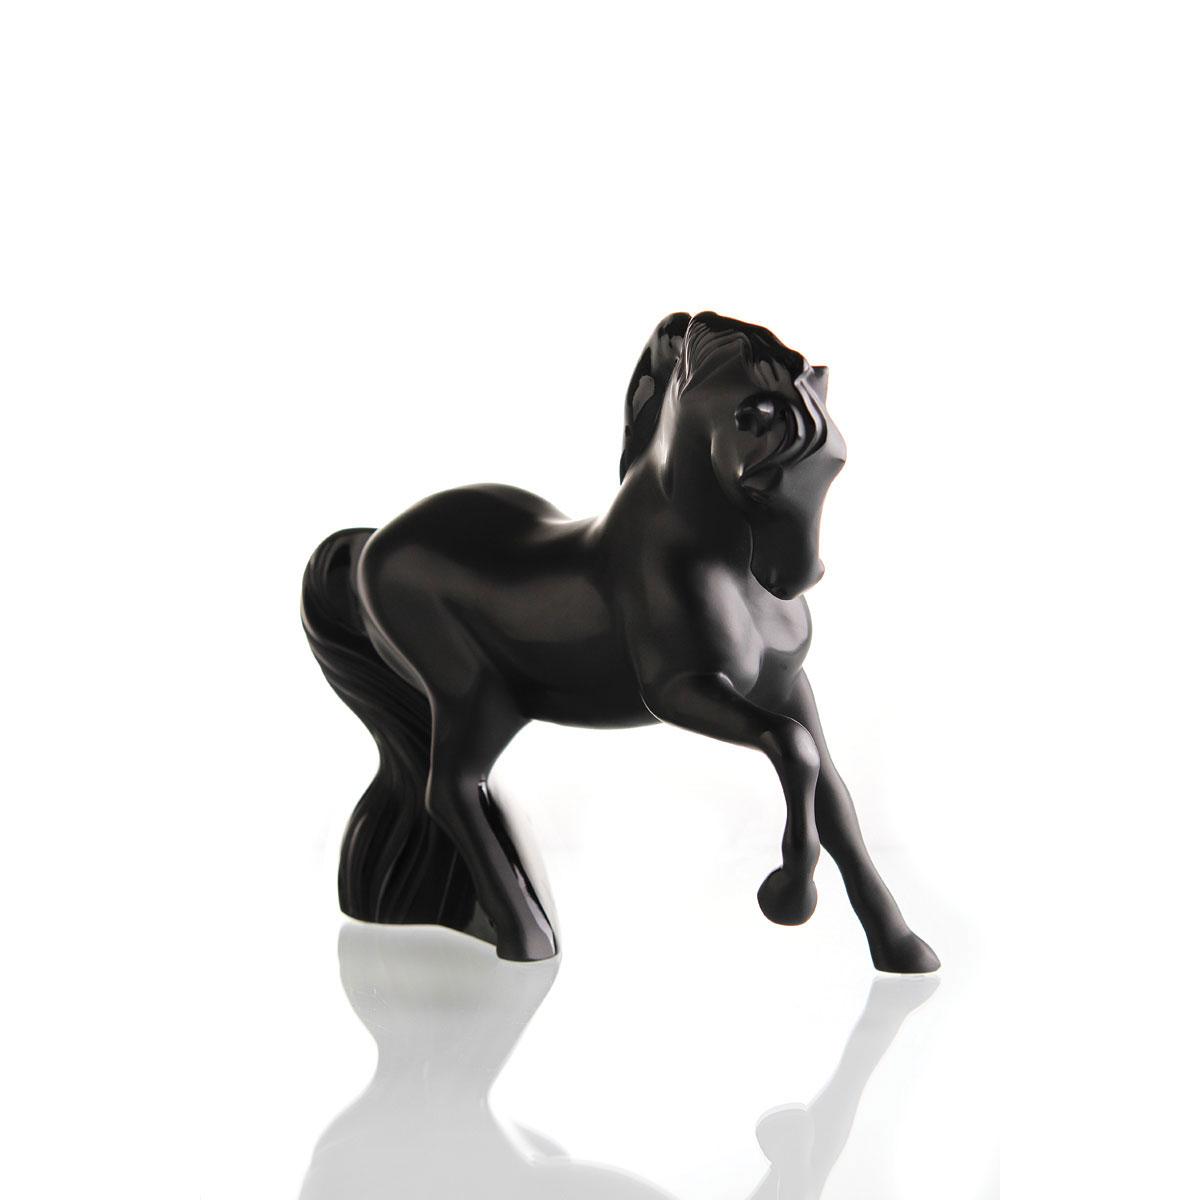 Lalique Mistral Horse Figure, Black